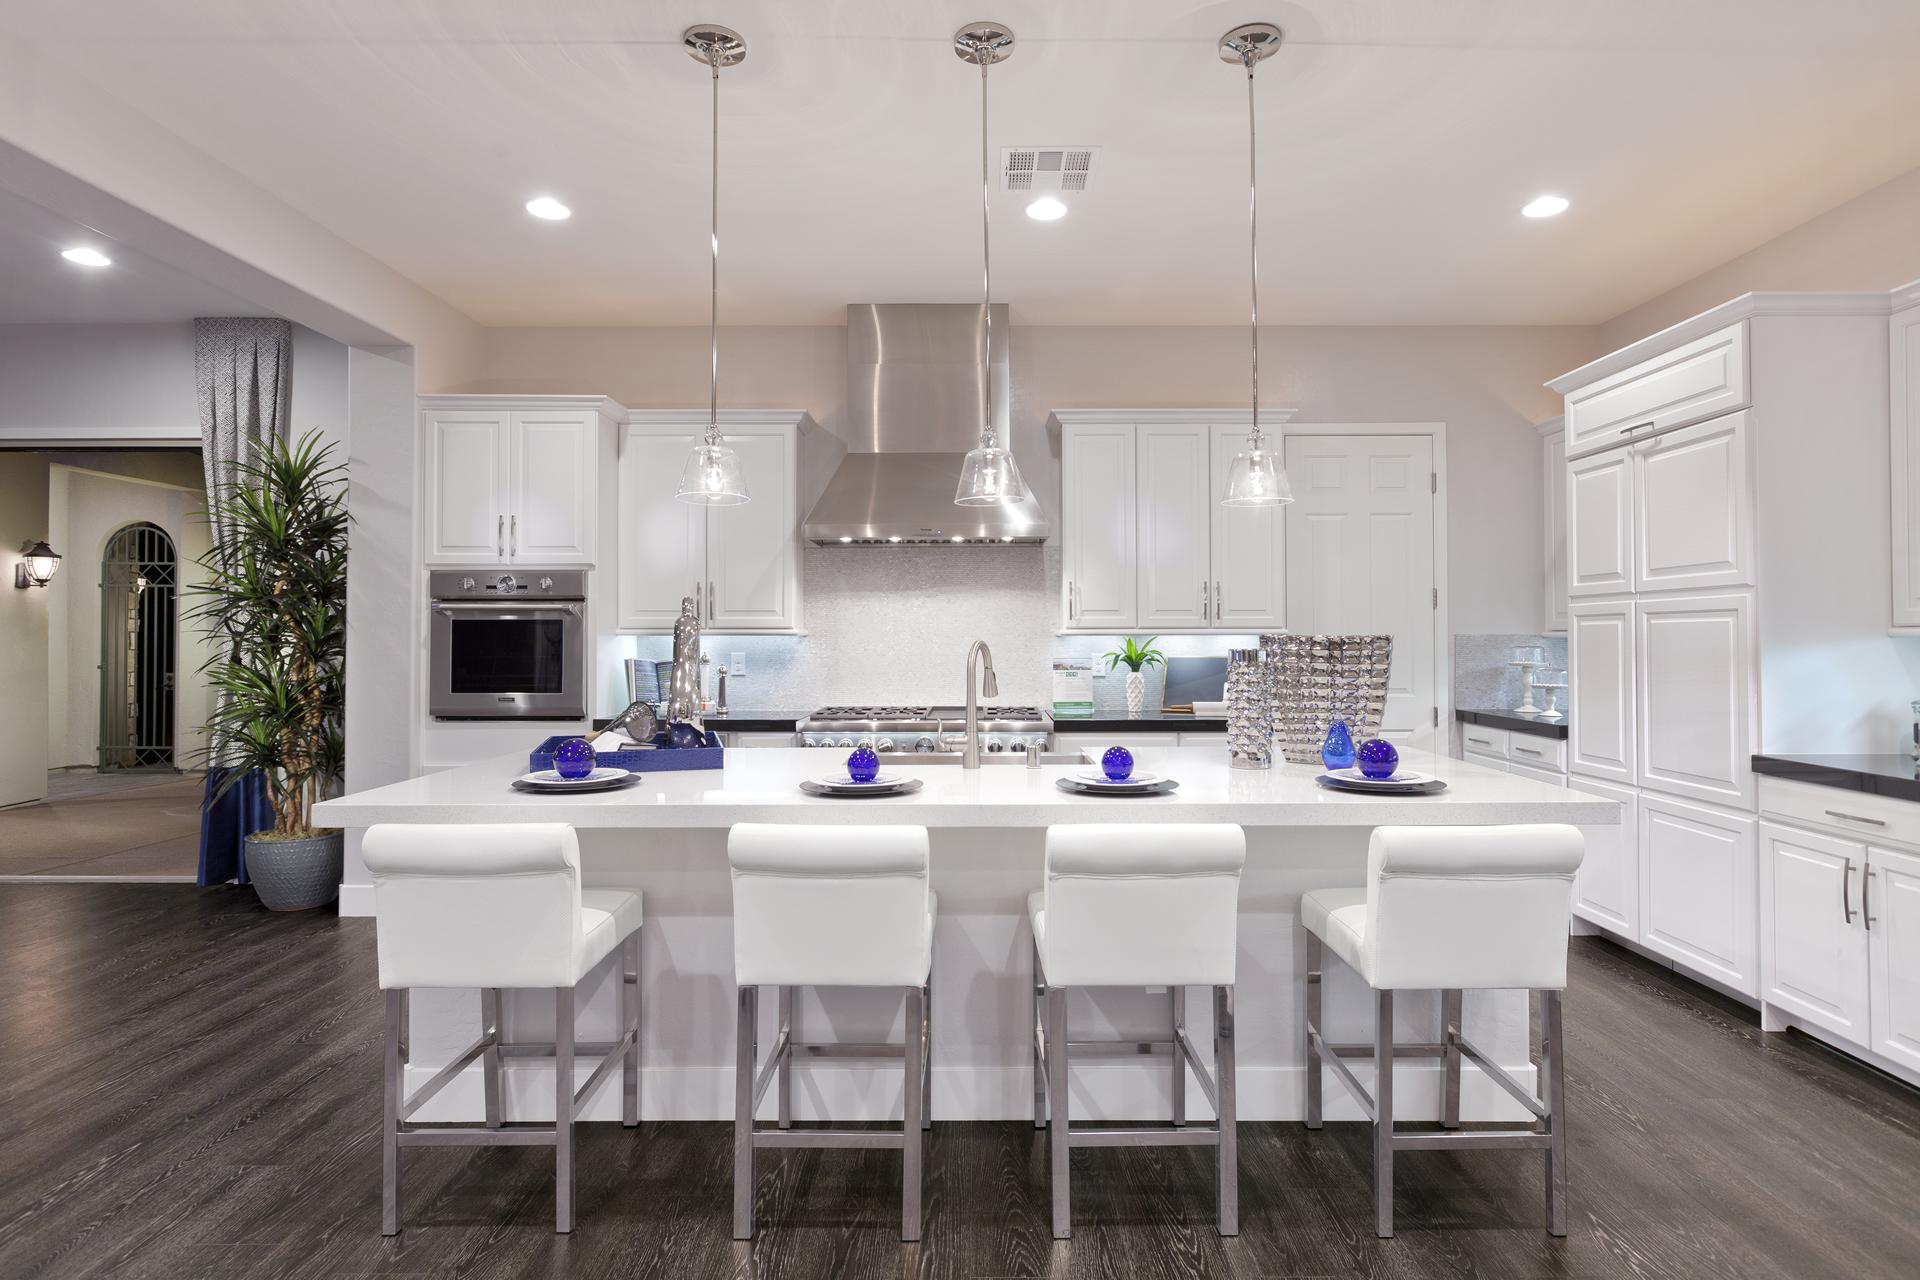 Ryland Homes Marbella Model – Kitchen